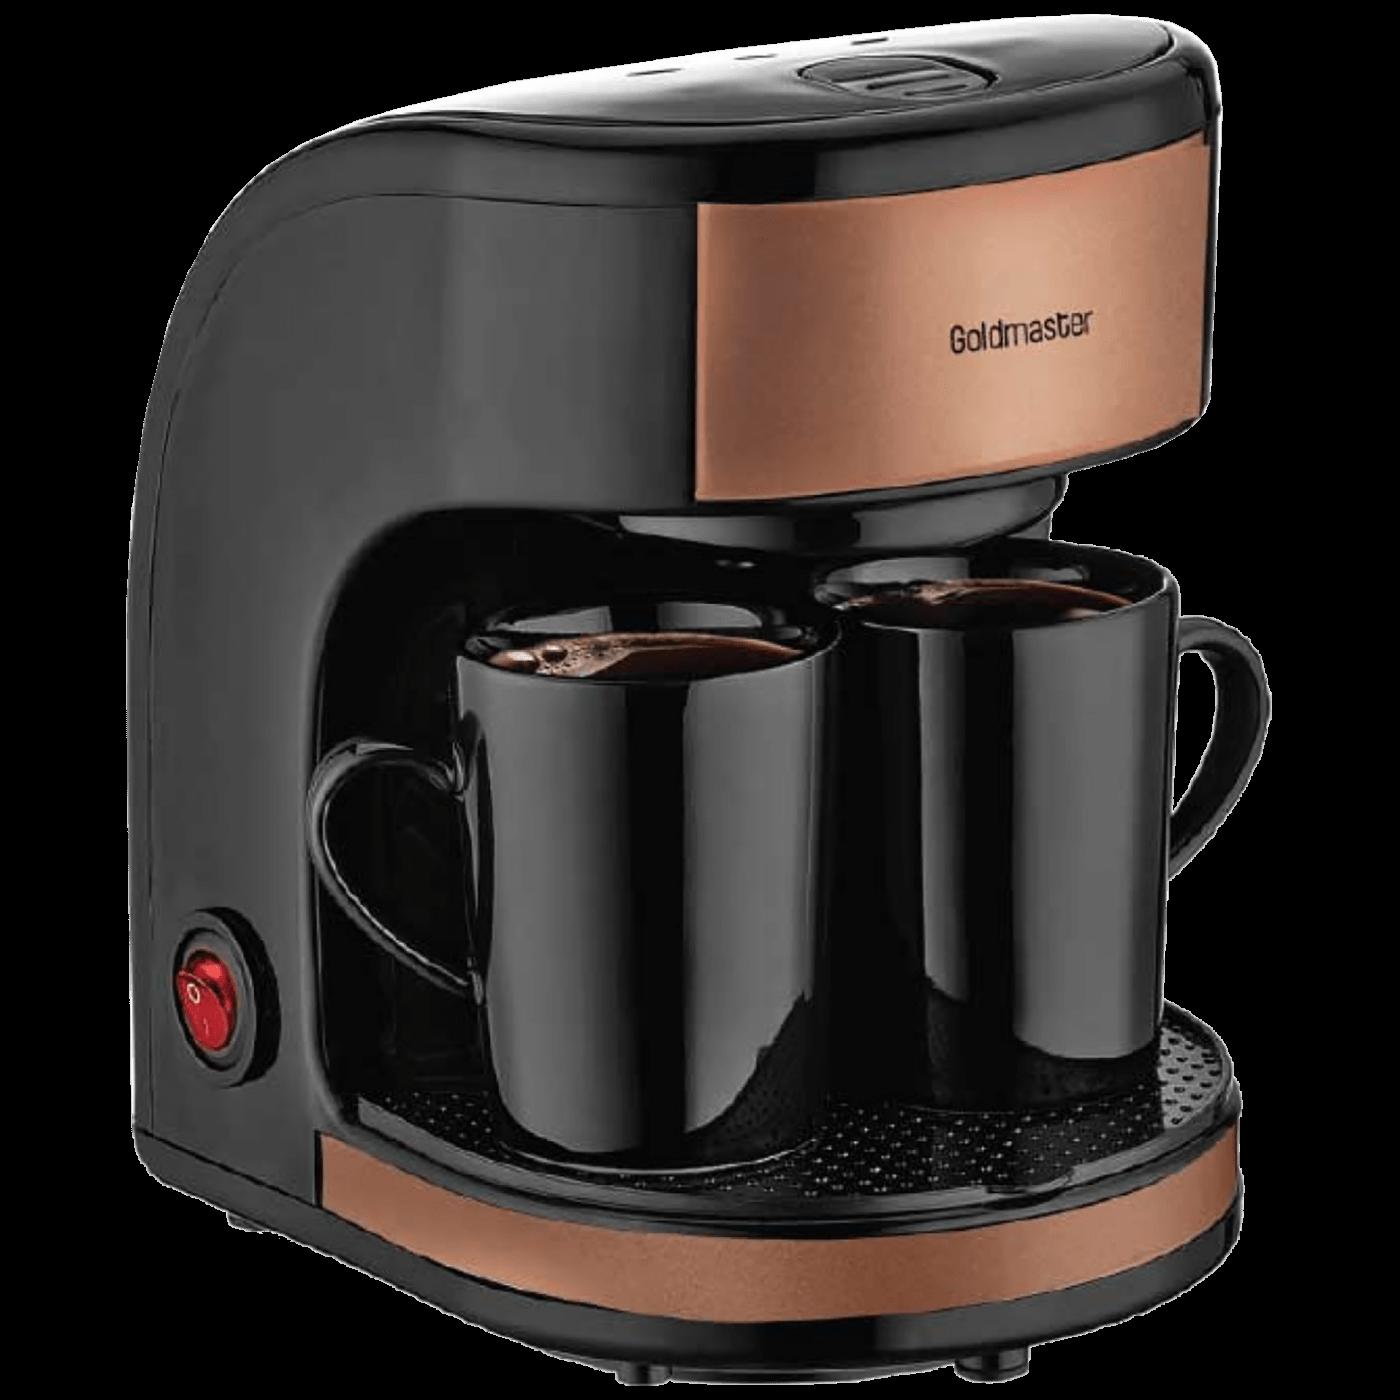 Aparat za filter kafu, priprema do 2 šolje, 450W, 320 ml